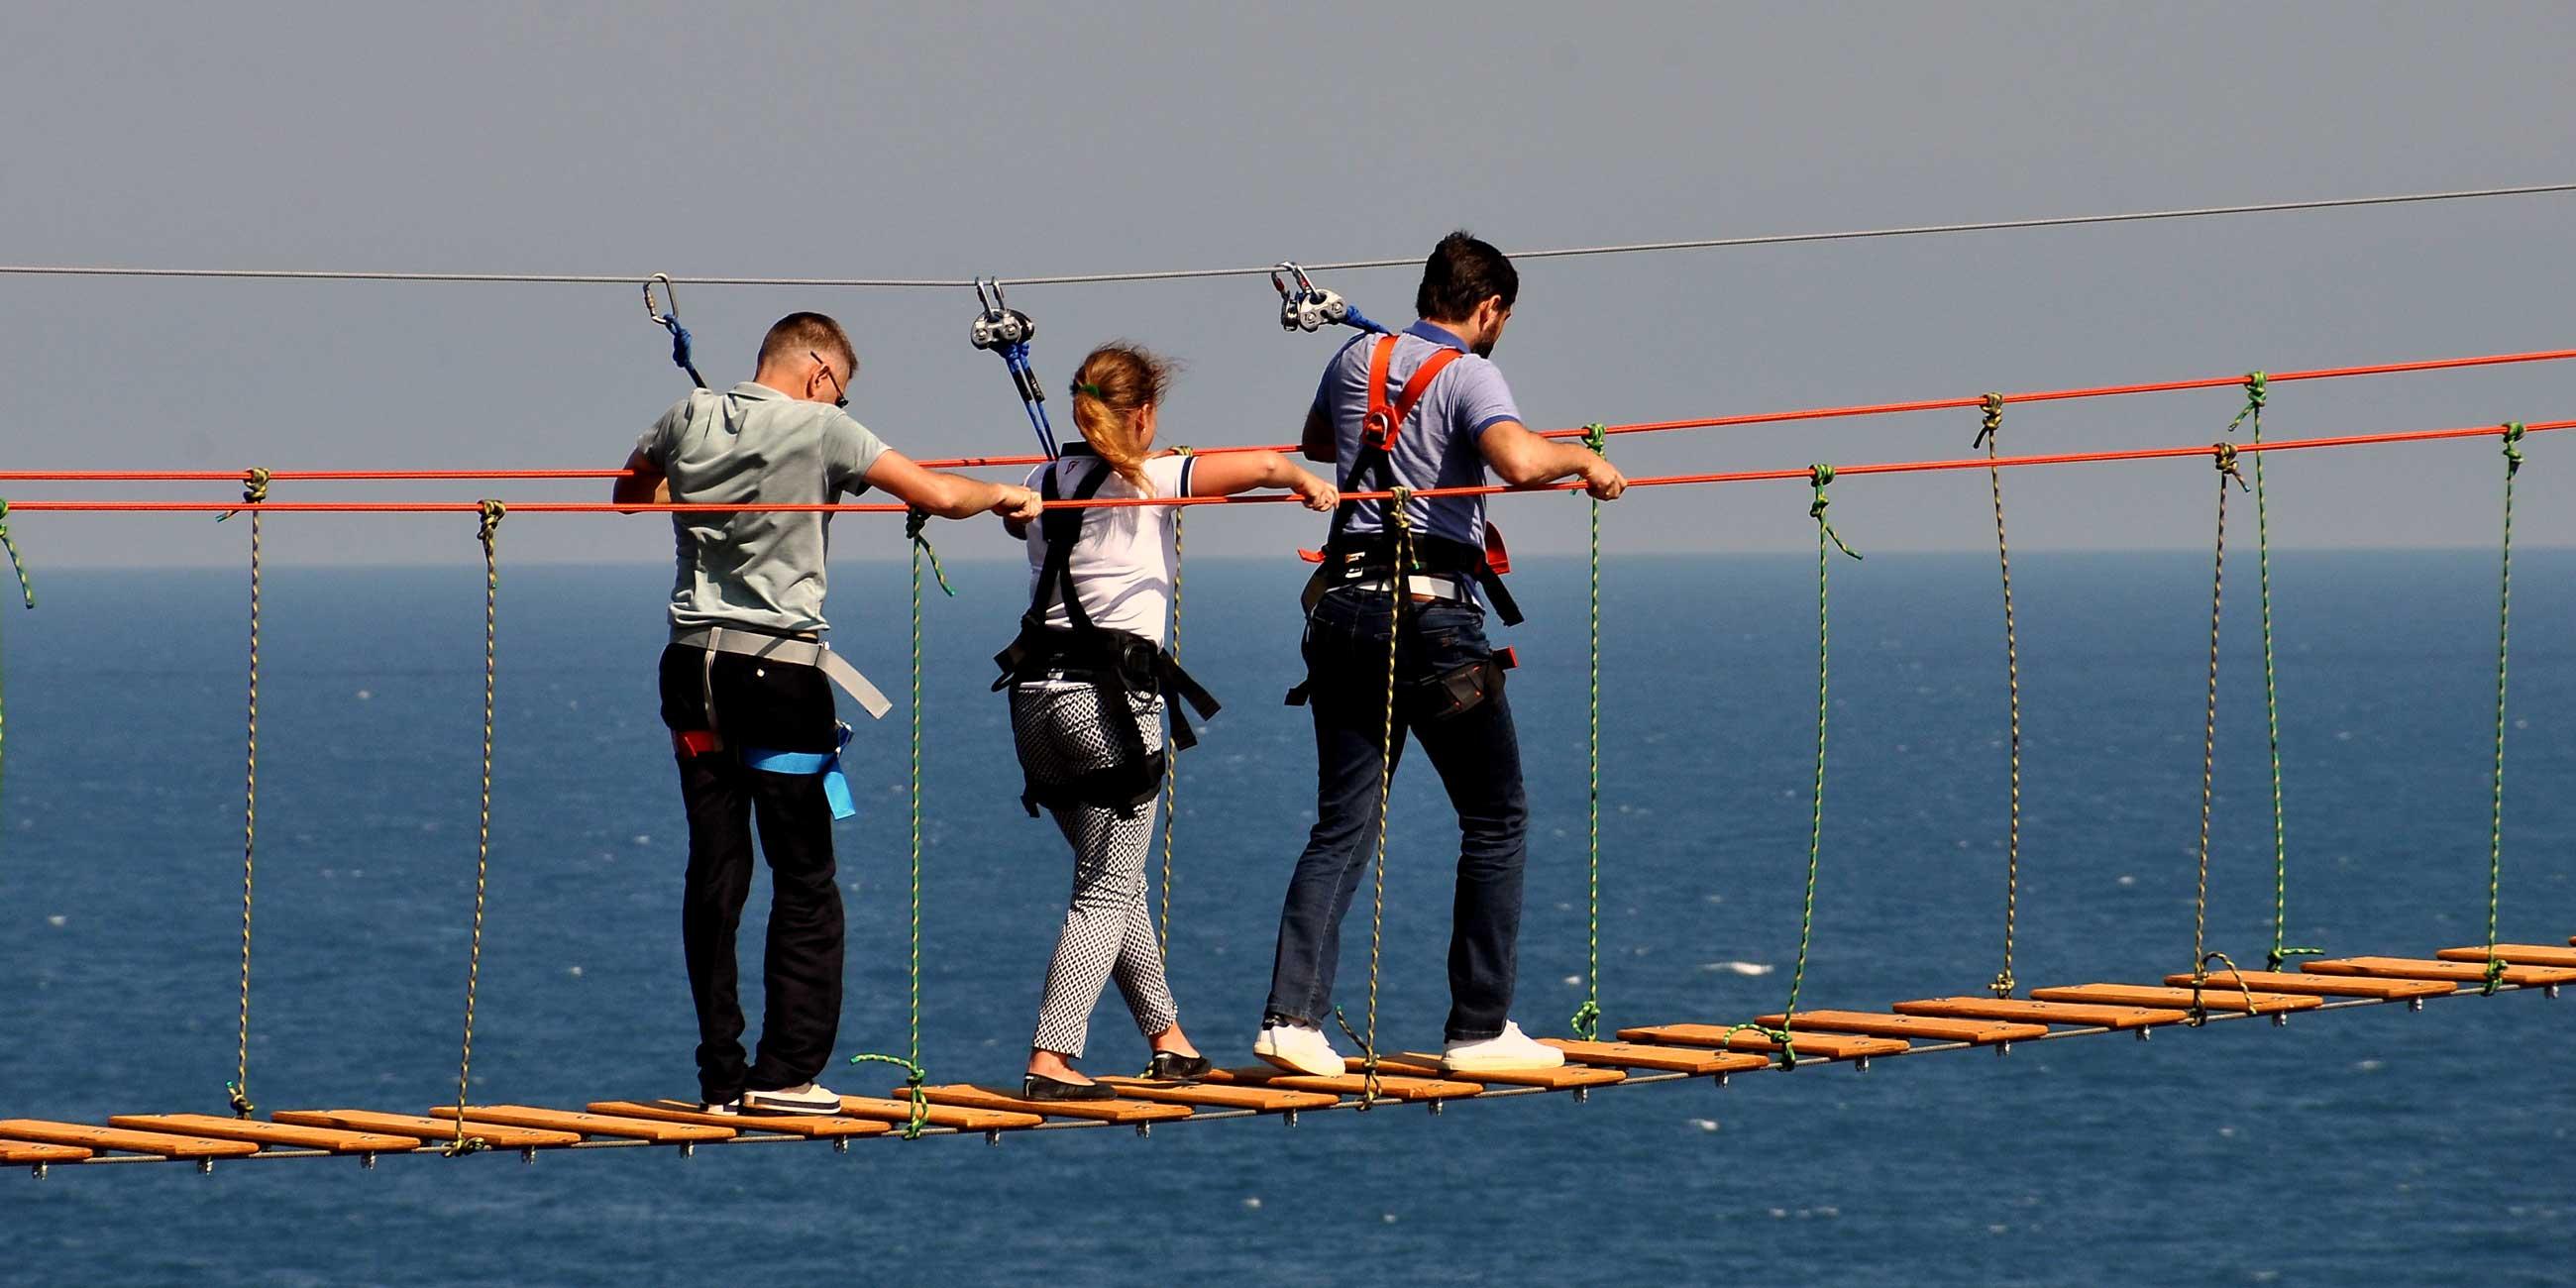 Пройтись по узкому веревочному мосту над пропастью - развлечение для экстремалов.Фото: Виталий ПАРУБОВ,